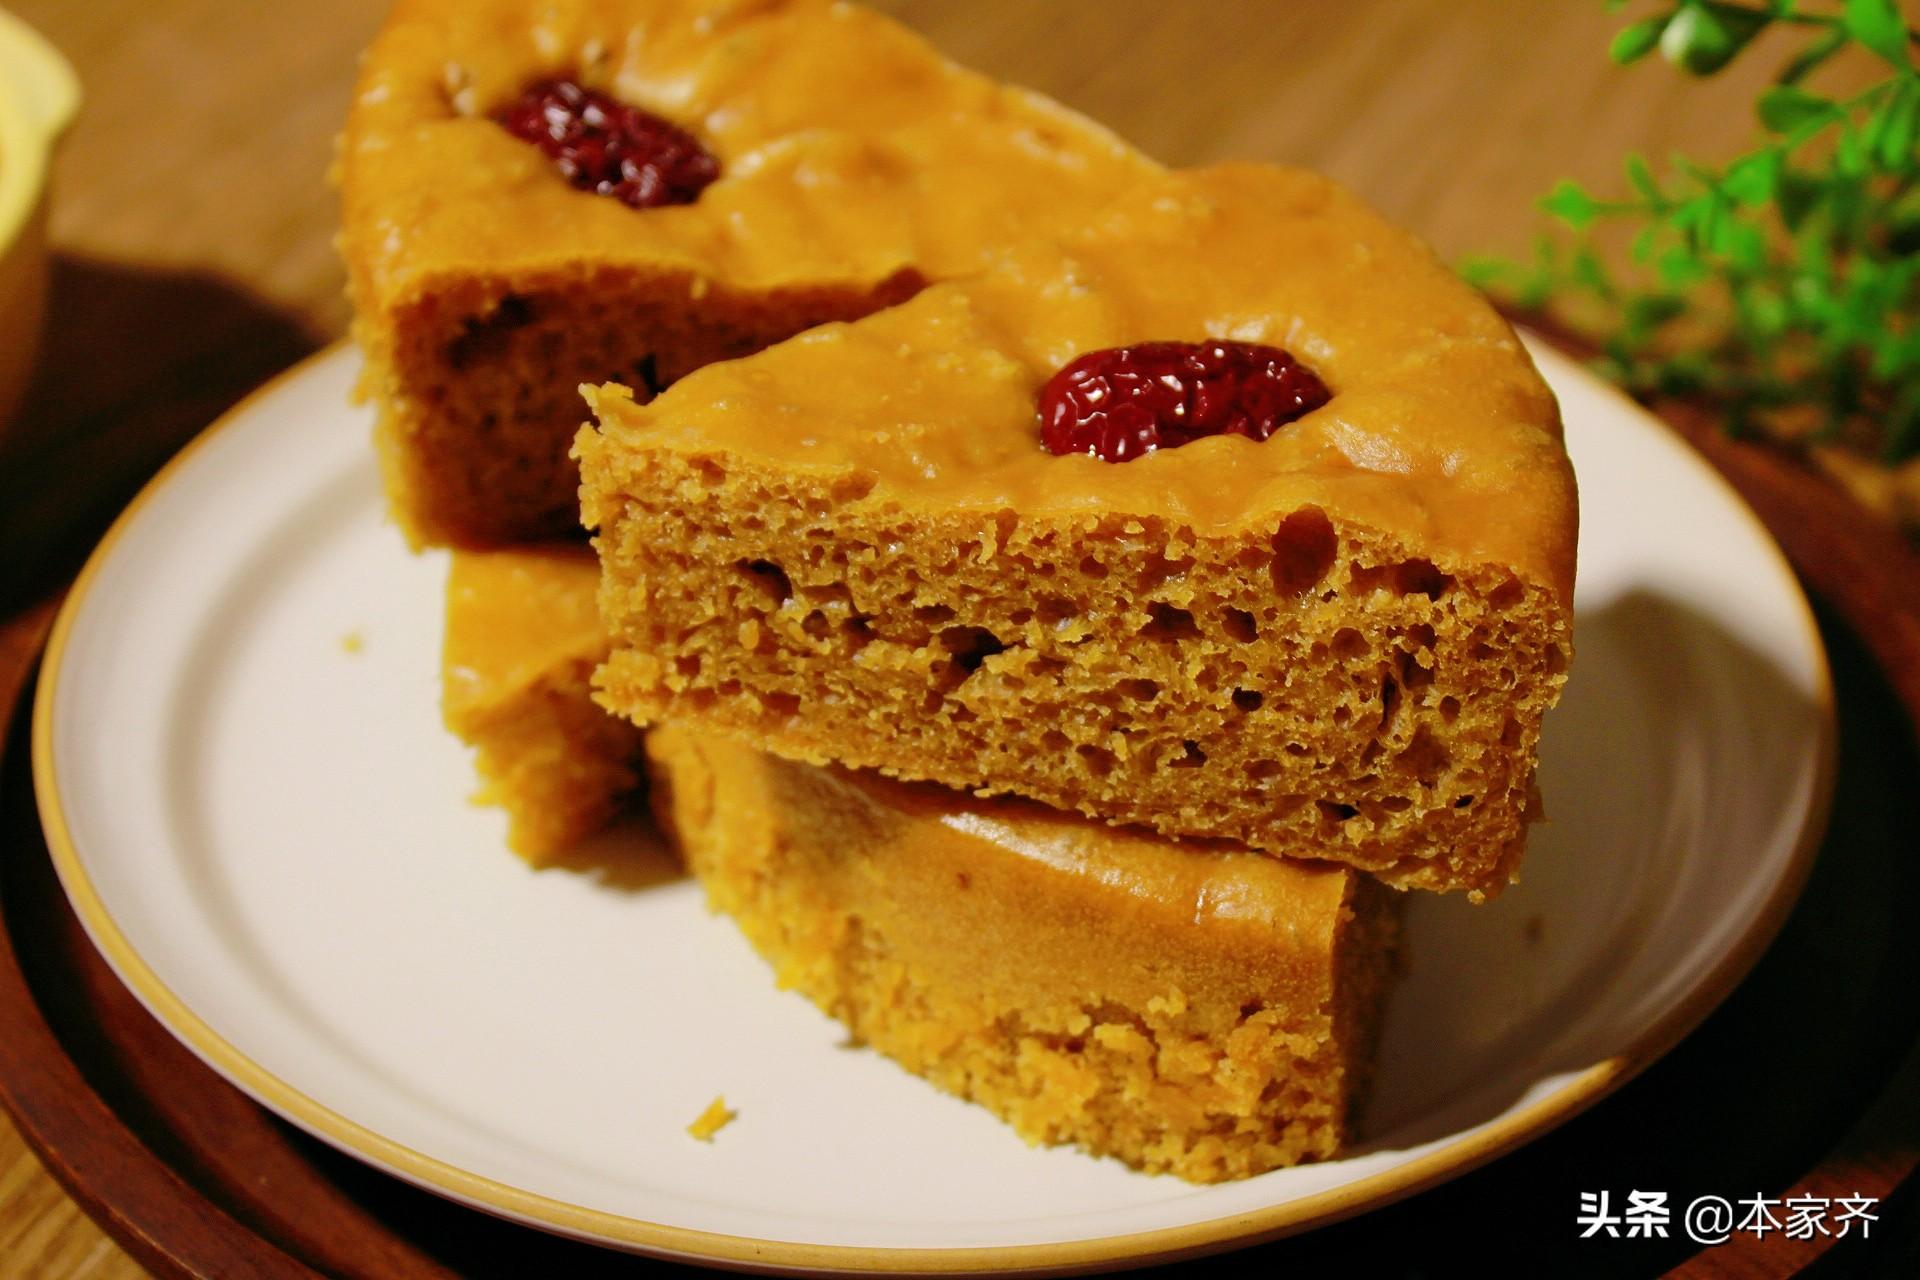 超香甜! 適合女人冬天吃的糕點,鬆軟不塌陷,做法簡單,不翻車